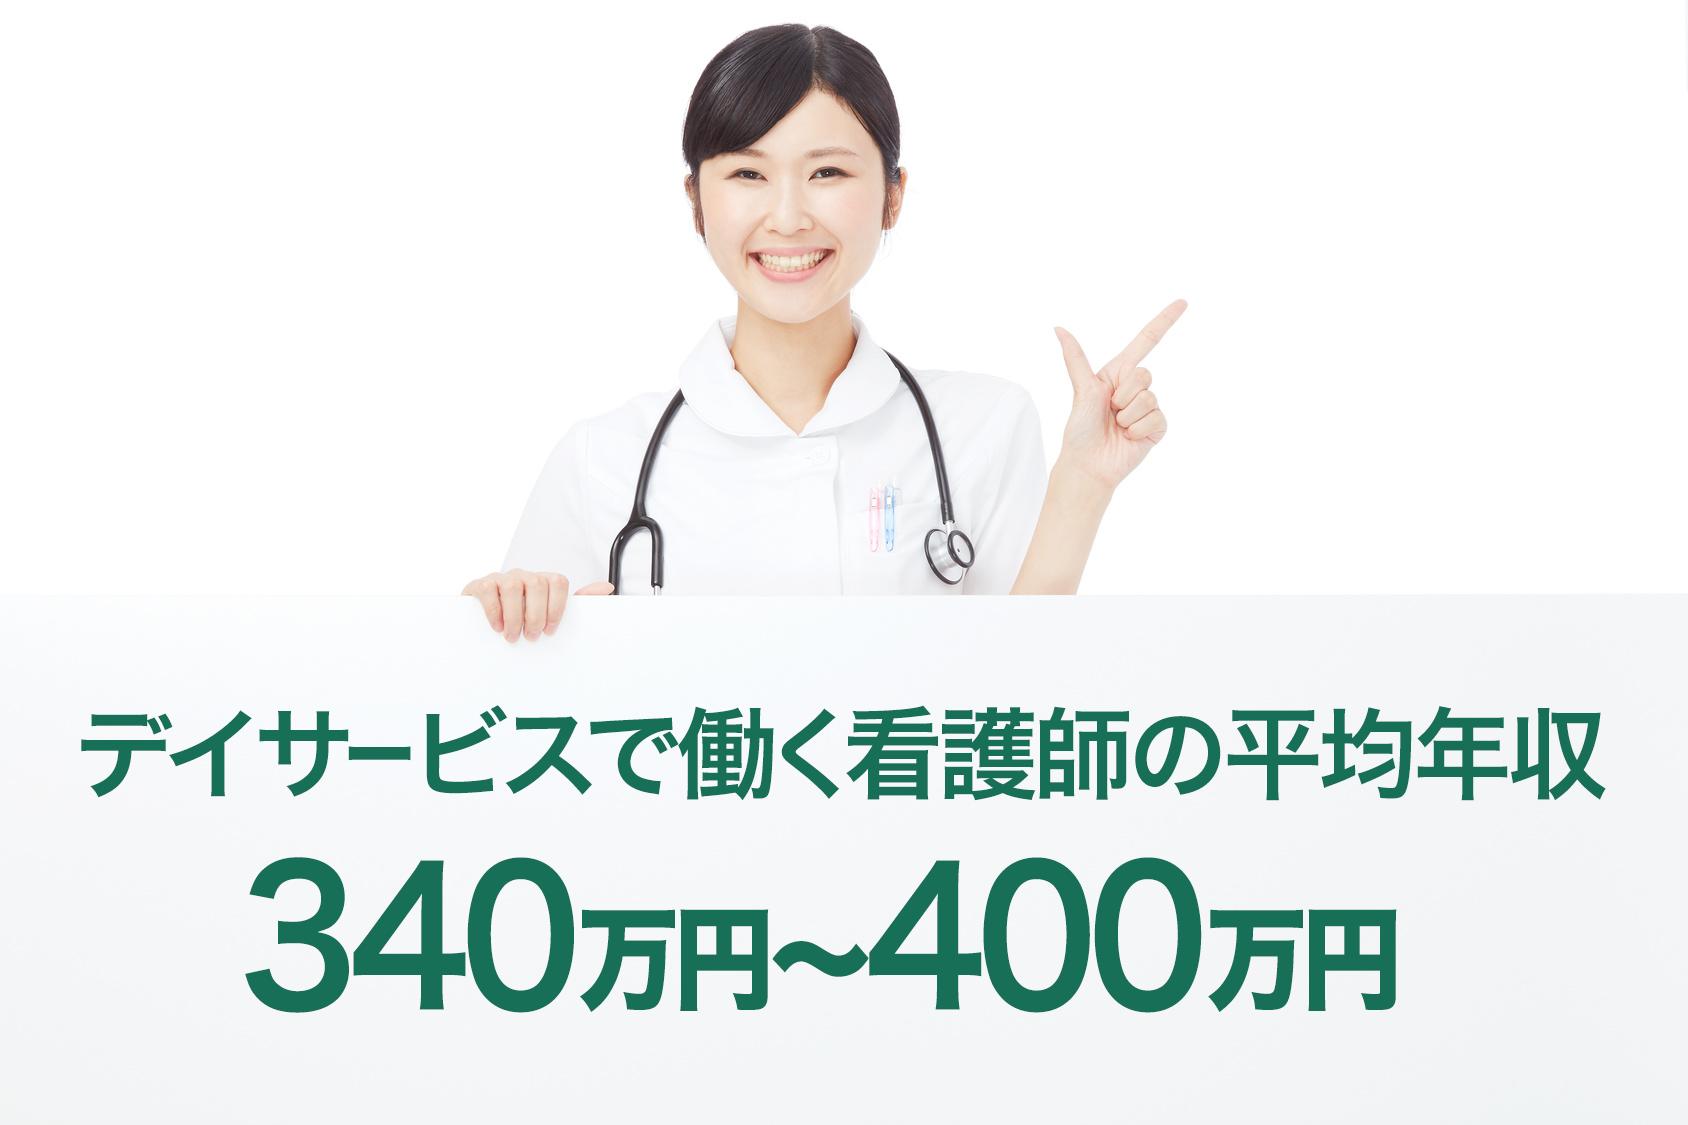 デイサービスで働く看護師の平均年収